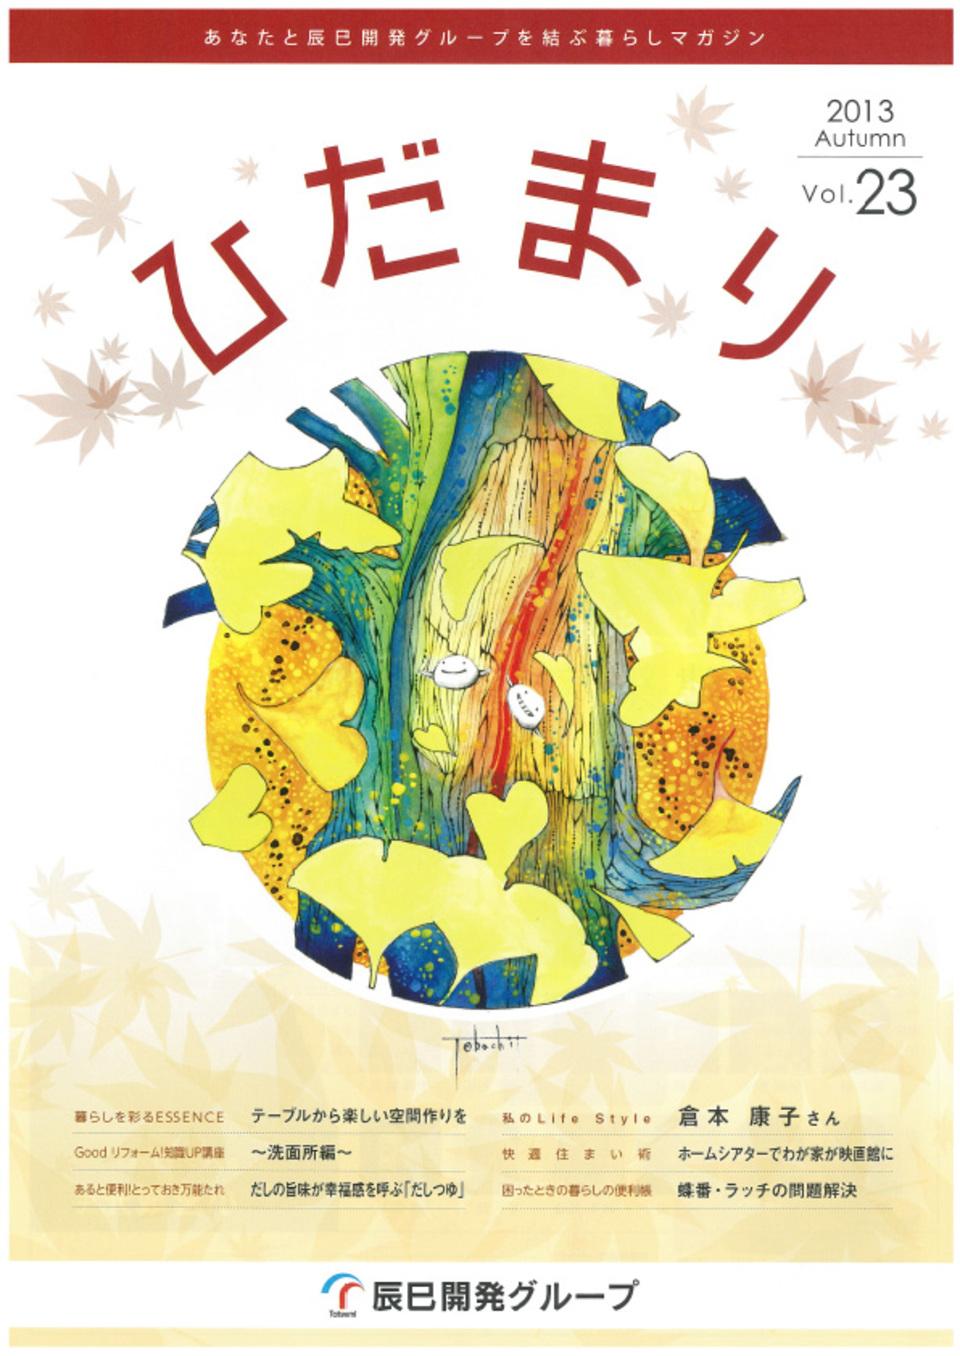 ひだまり 2013 Autumn vol.23